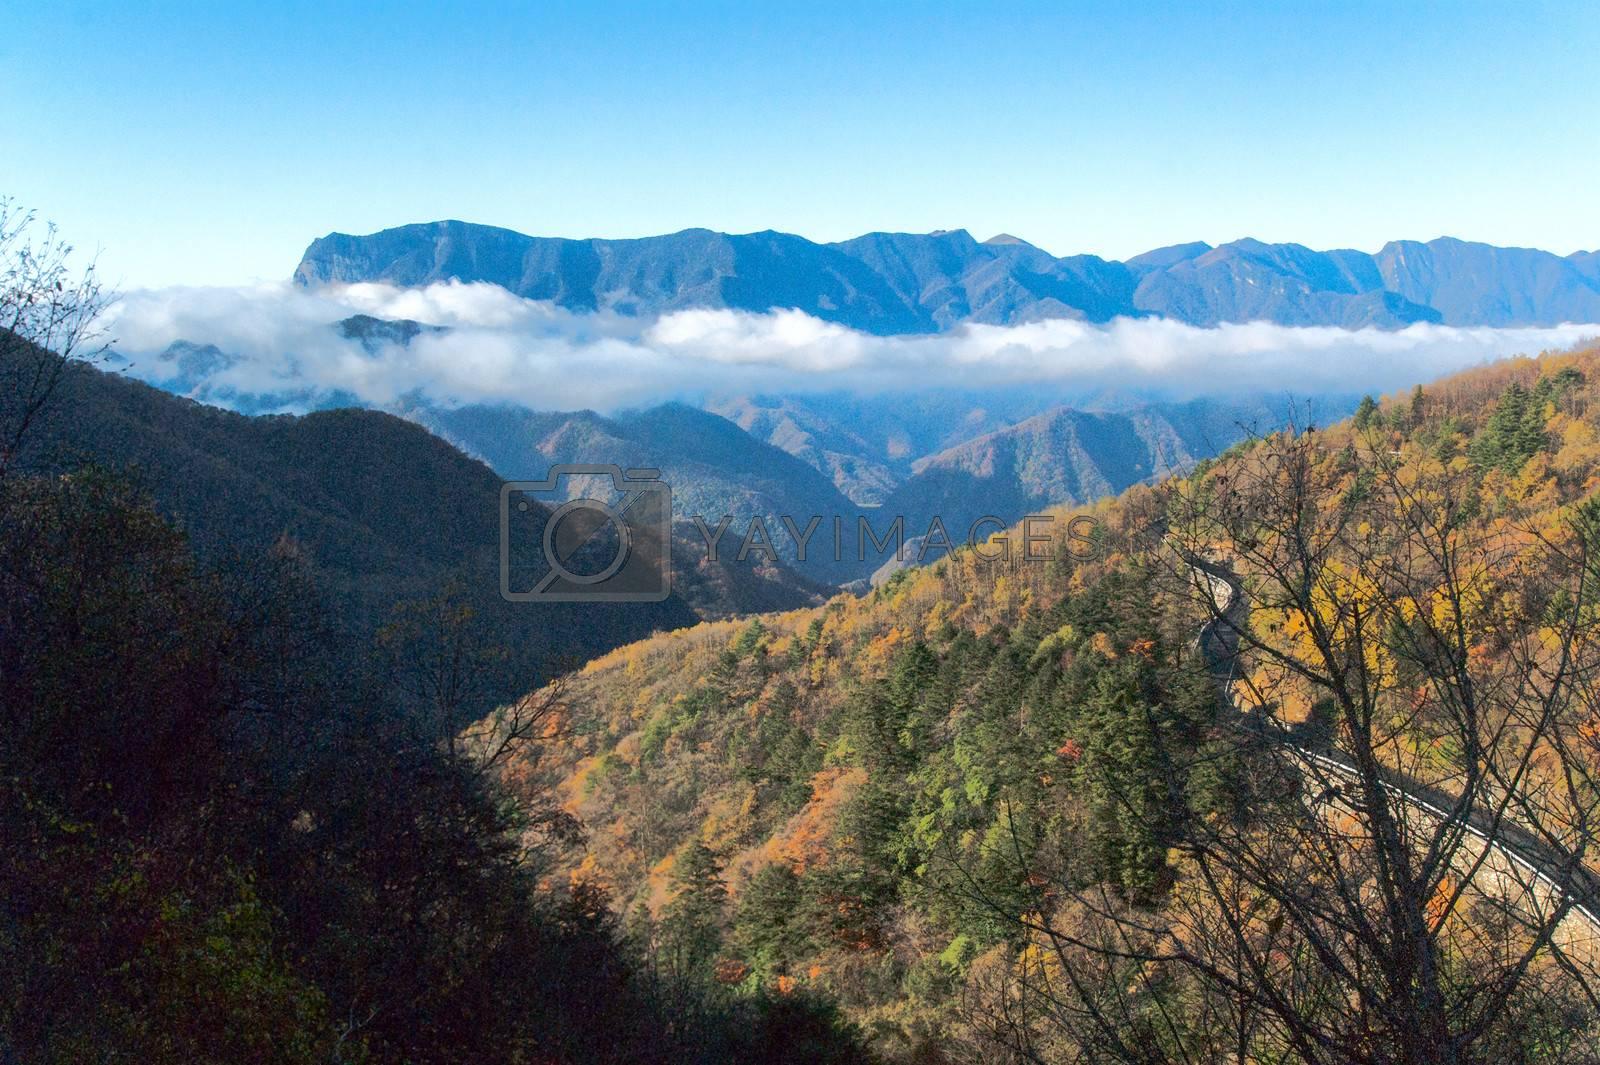 Shennongjia beauty - was taken in Hubei, China        SONY DSC